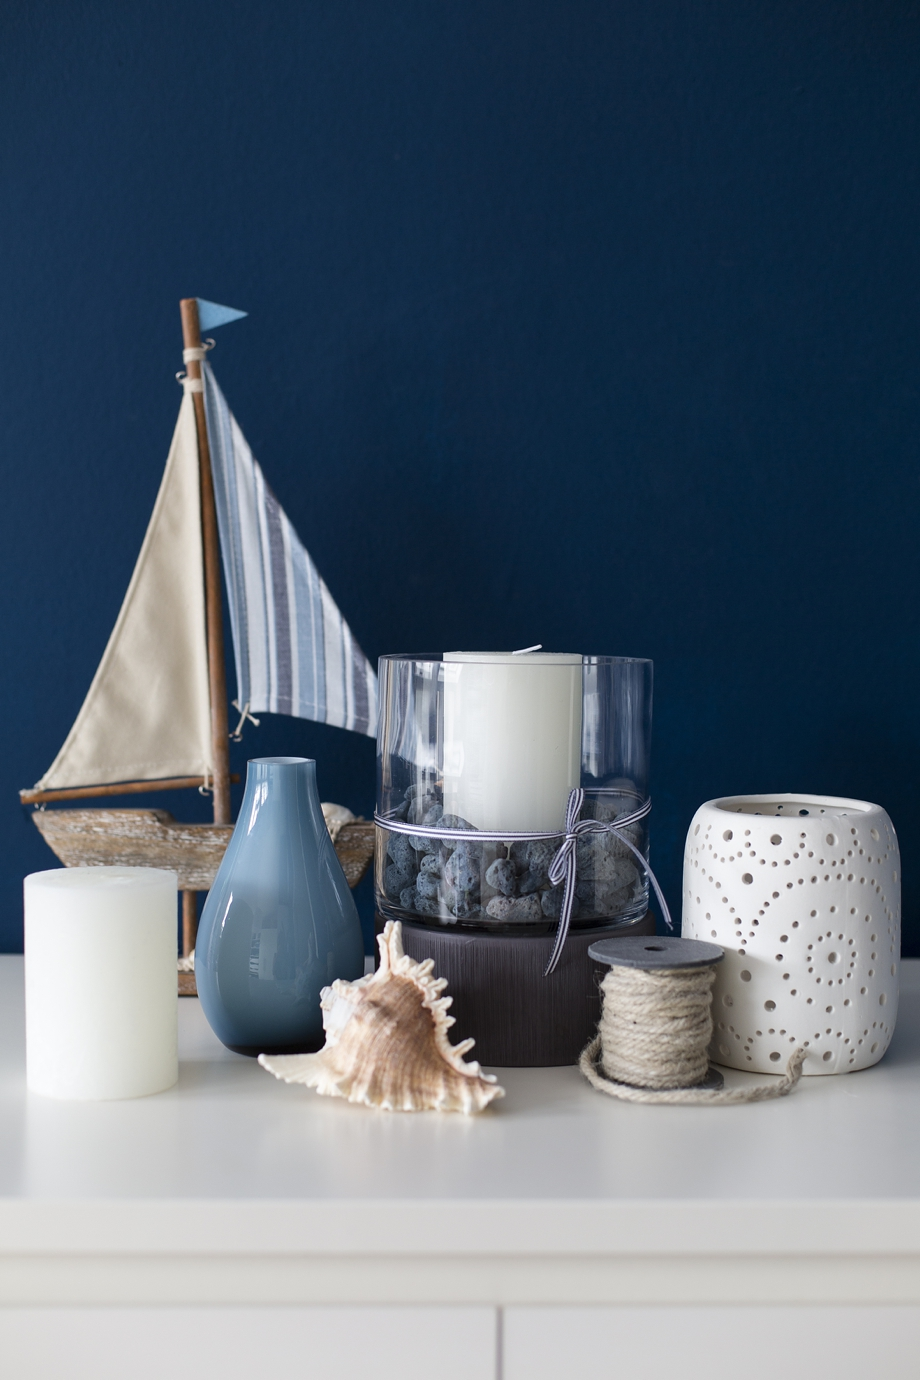 Maritime sommerdeko   tipps i schön bei dir blog